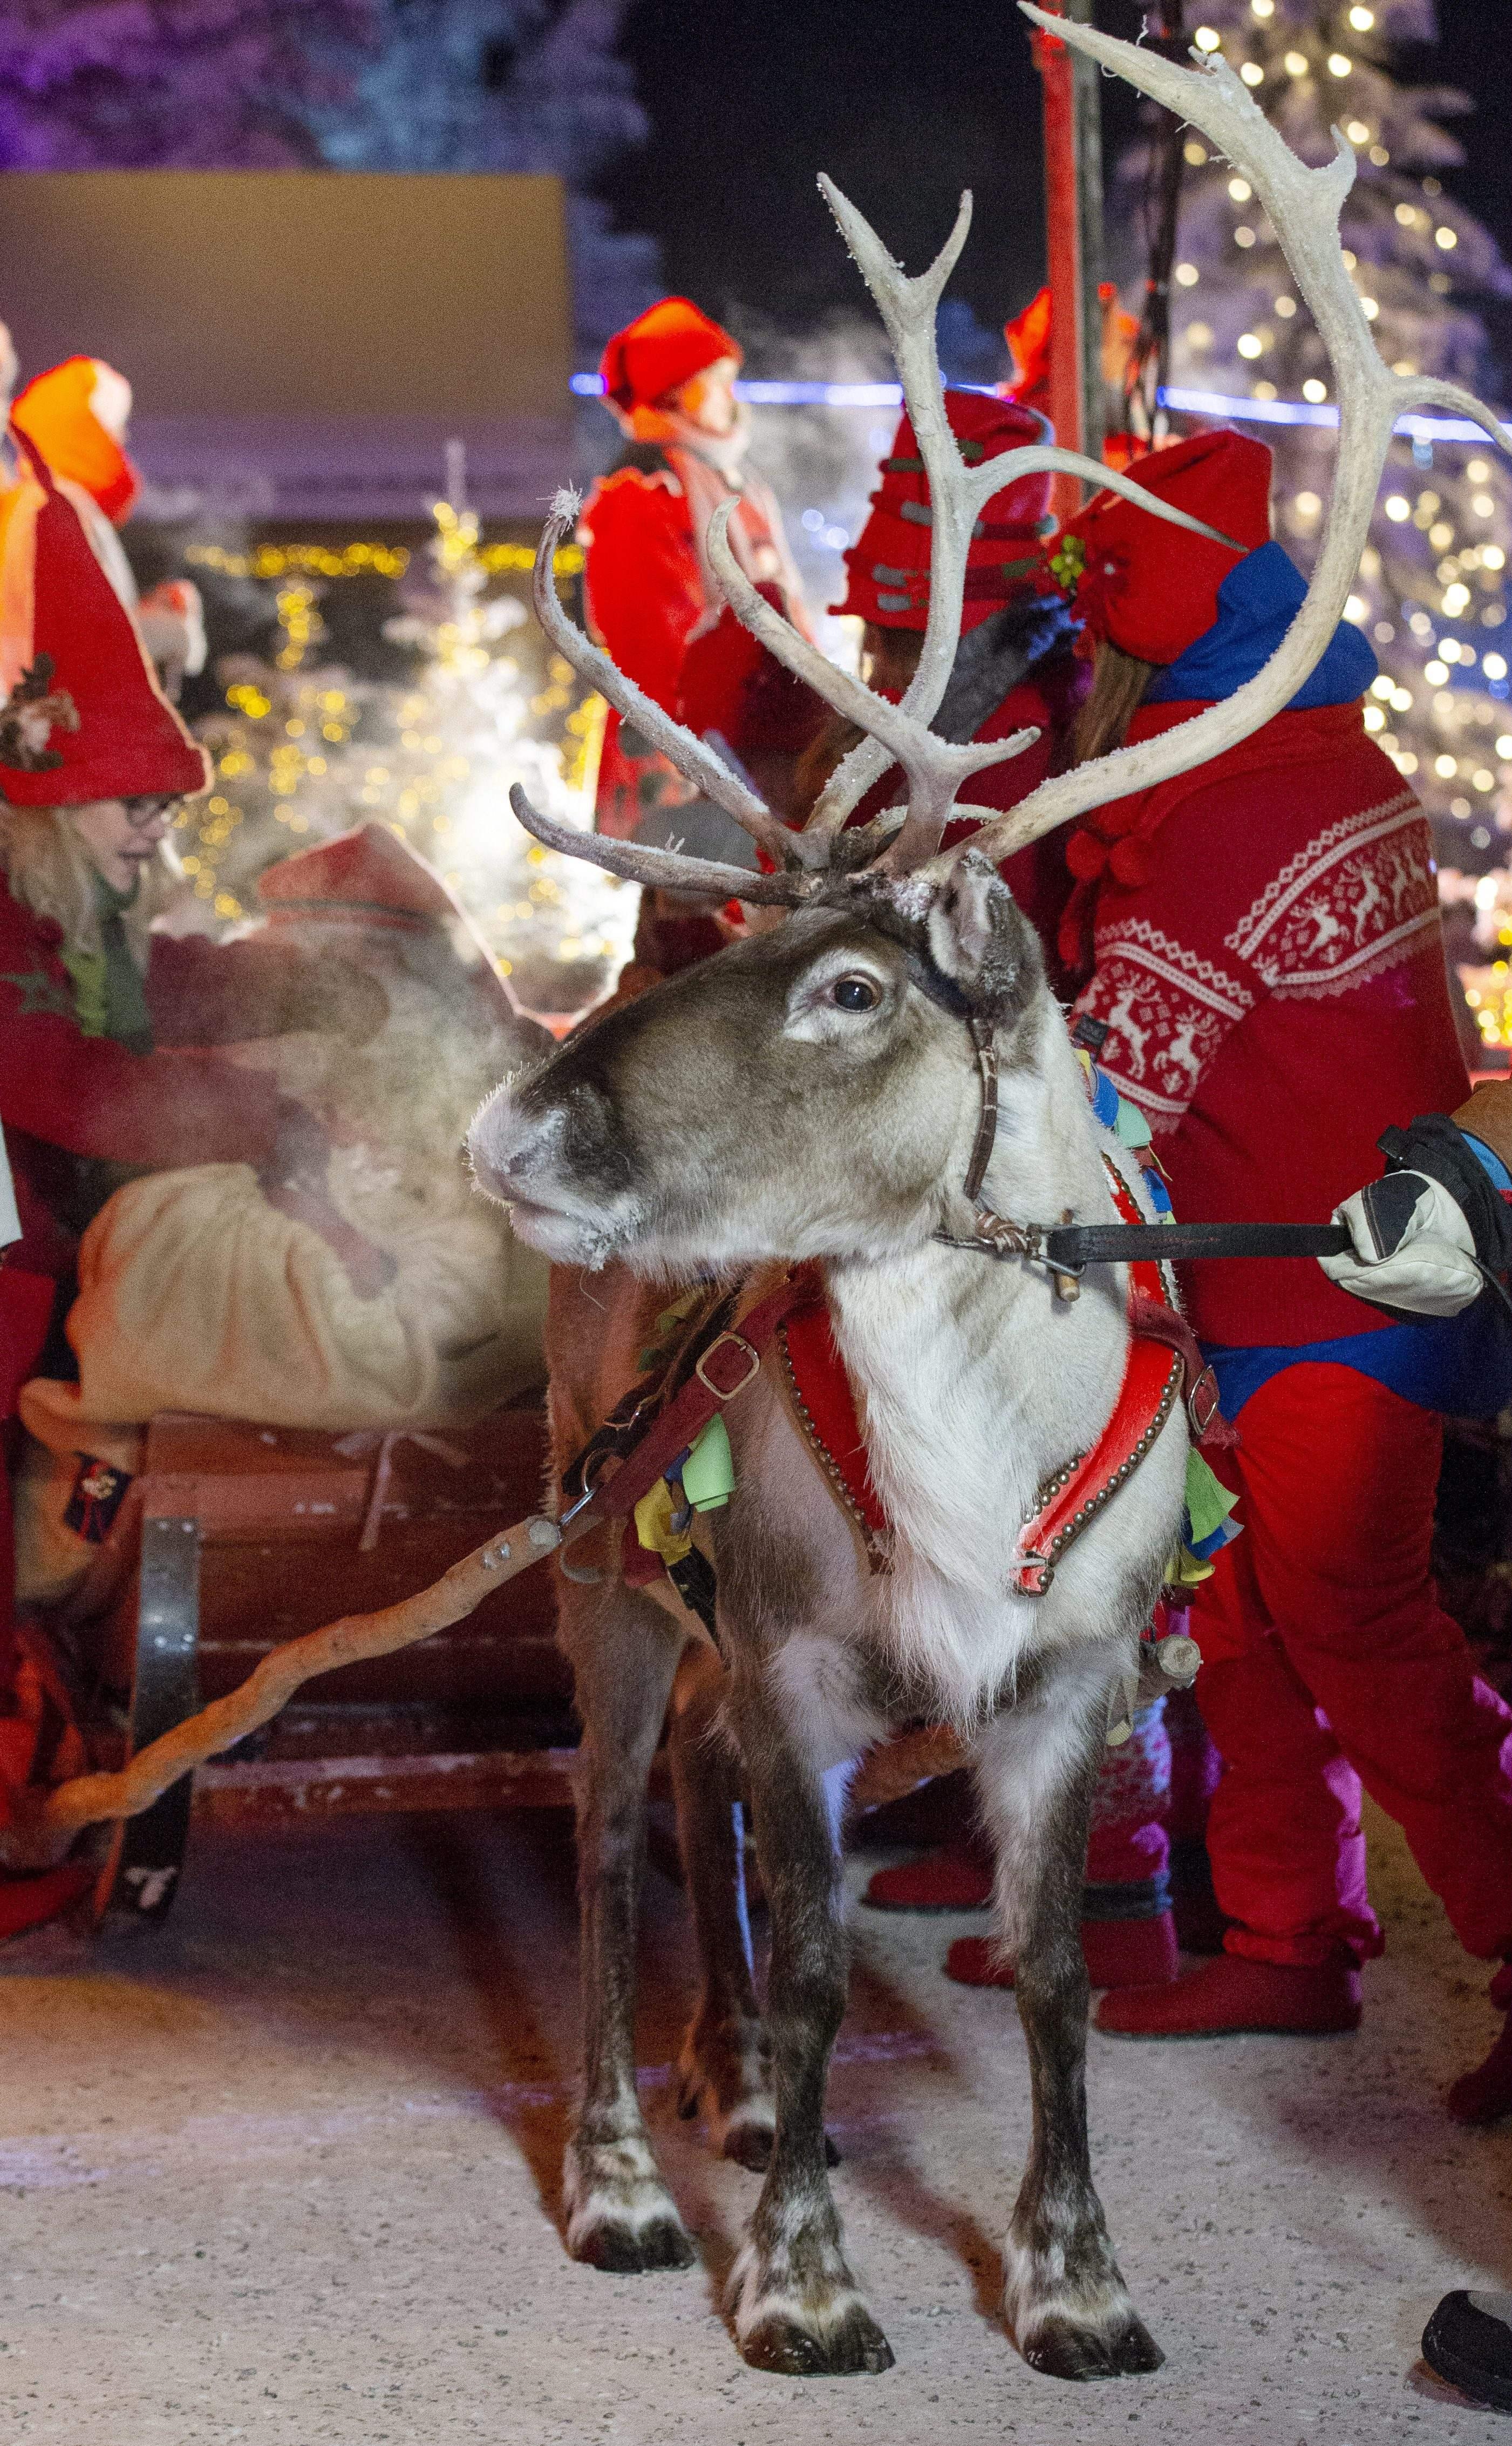 聖誕老人12月23日晚已從他在芬蘭北部拉普蘭(Lapland)的家鄉出發,展開浩大的全球送禮行程,為世界各地的小朋友送去祝福。(LAURA HAAPAMAKI/AFP/Getty Images)